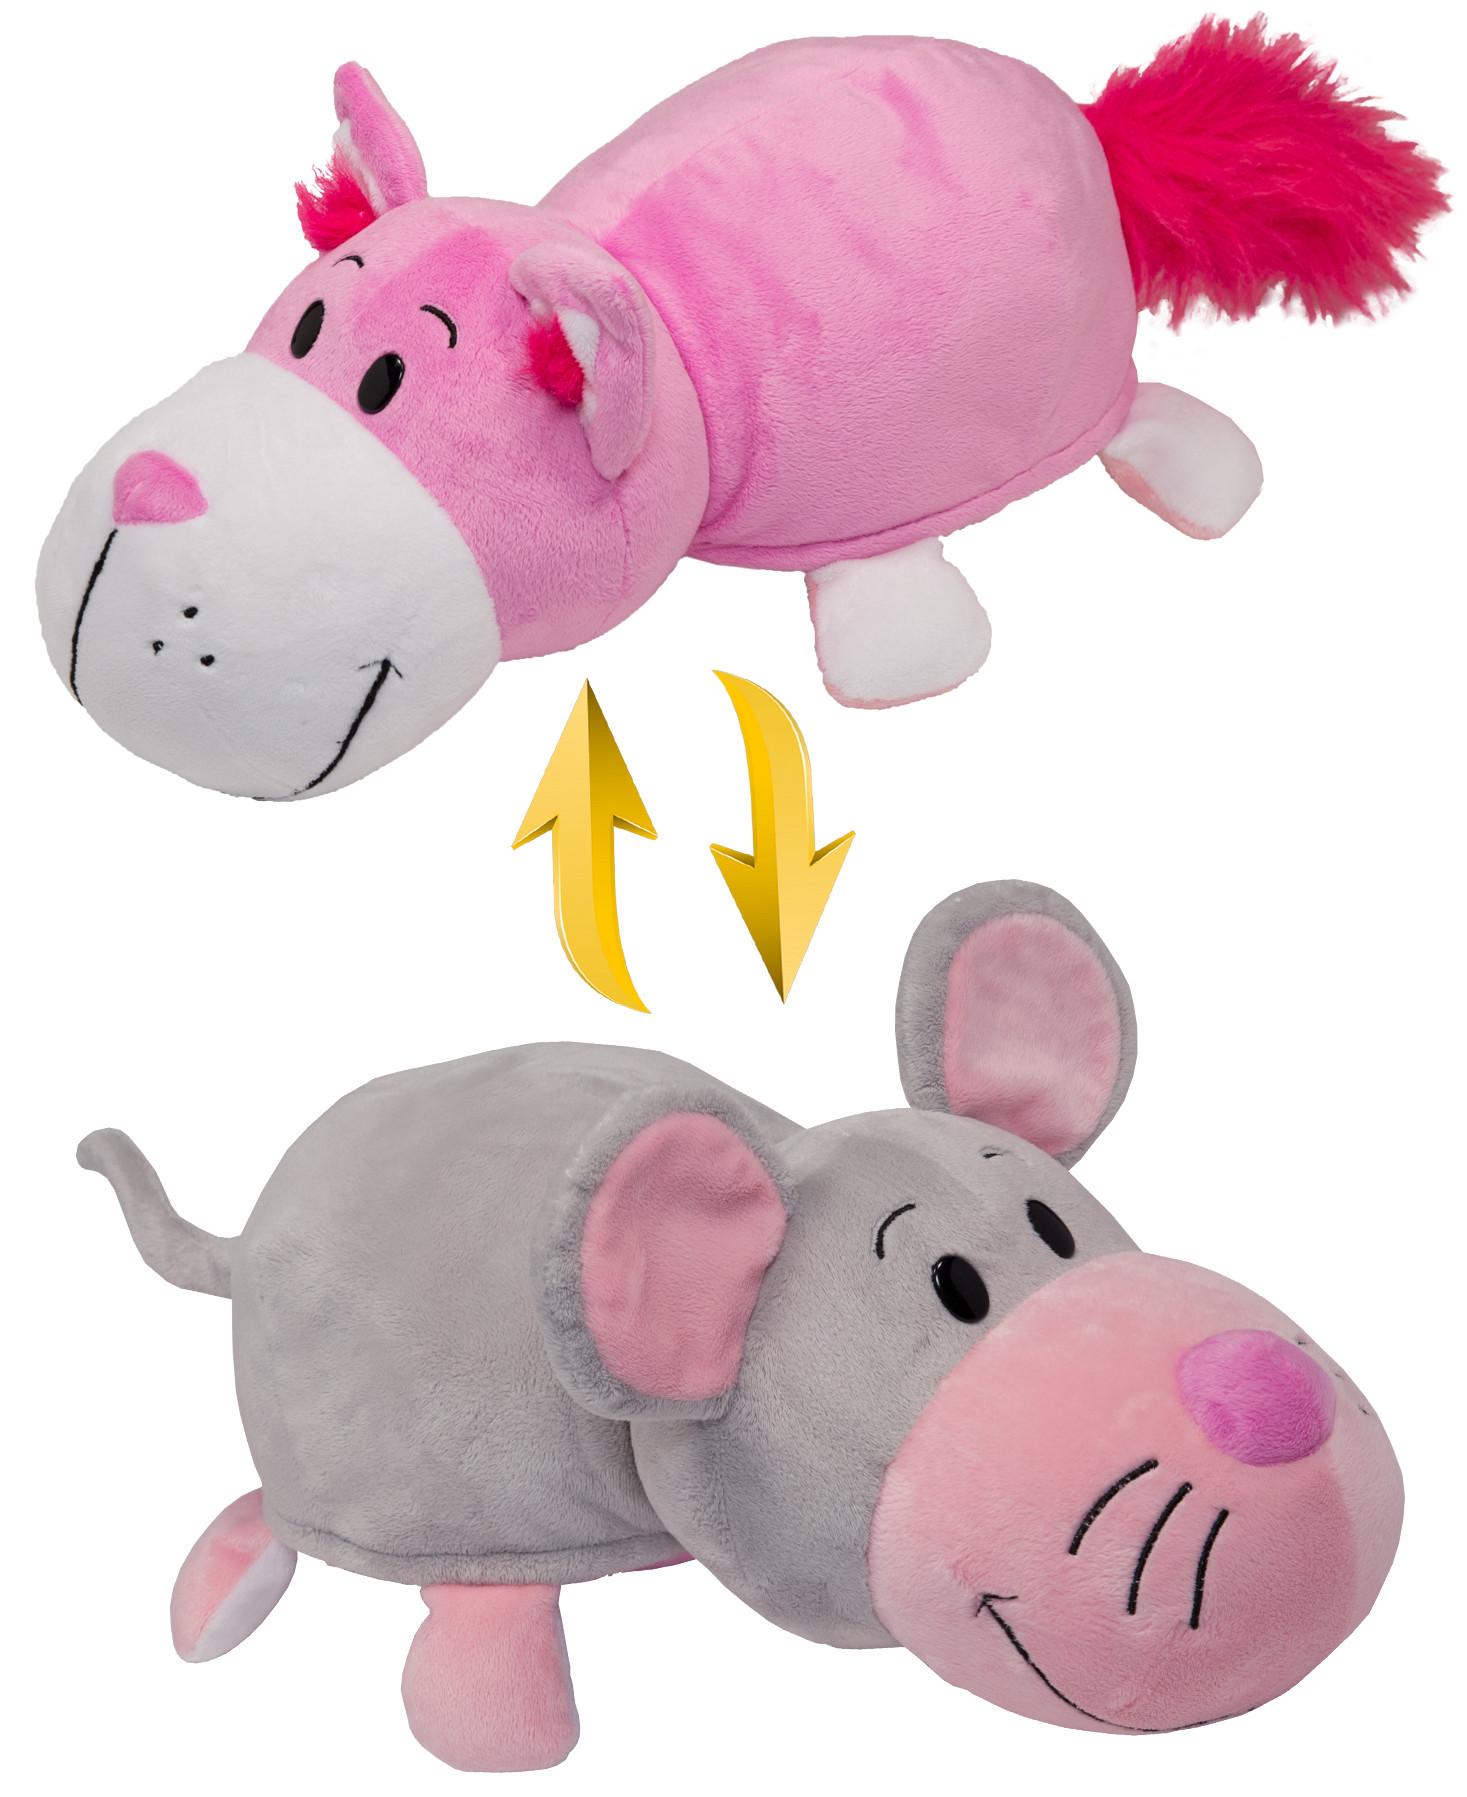 Мягкая игрушка 1toy Вывернушка. Кот-Мышь Т10928 мягкие игрушки 1toy мягкая игрушка 1toy вывернушка 20 см в асс